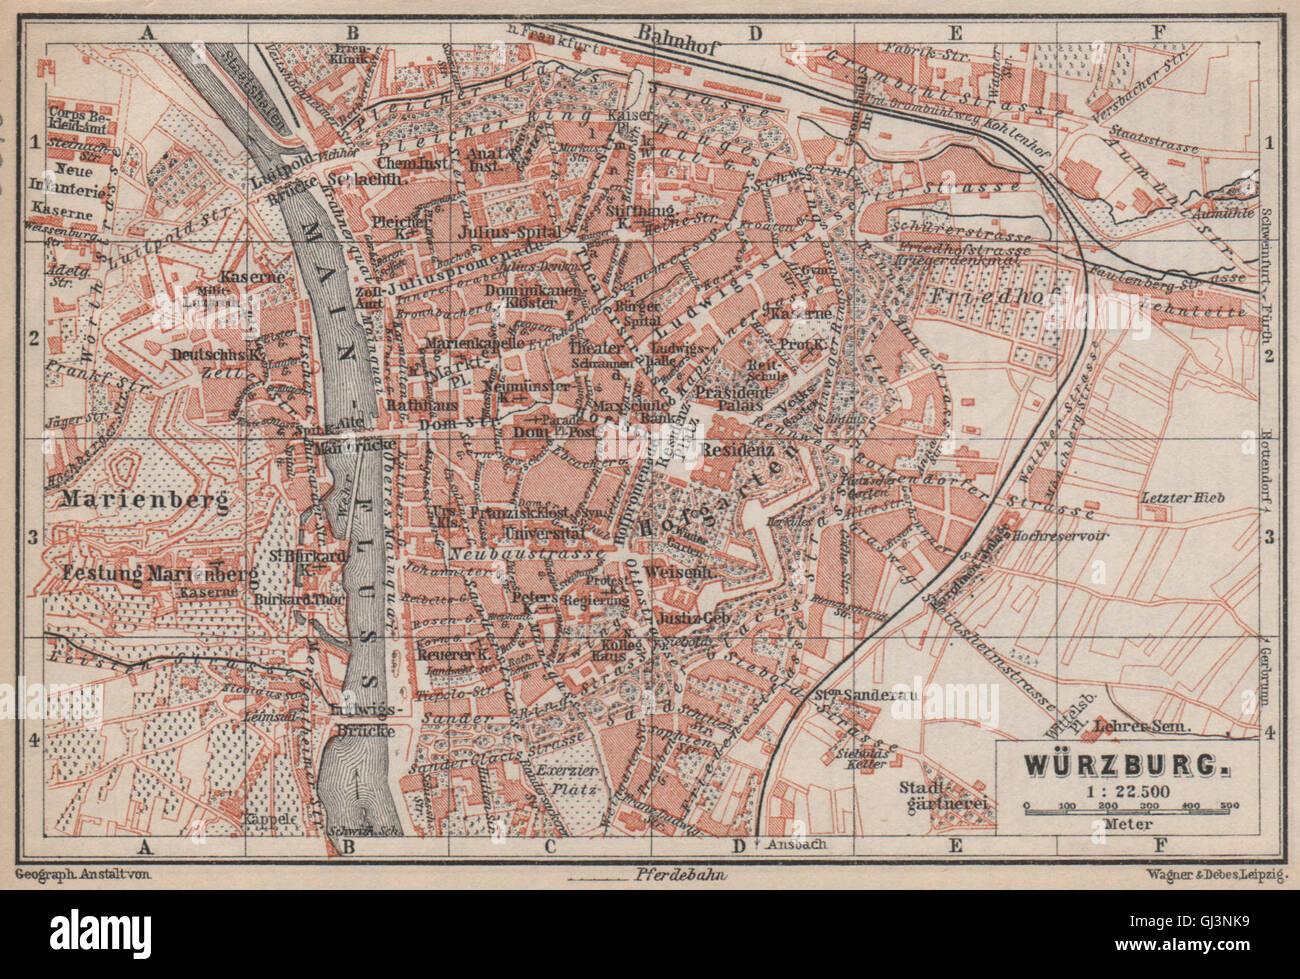 Karte Würzburg Und Umgebung.Würzburg Stadt Stadt Attraktivem Umgebung Umgebung Würzburg